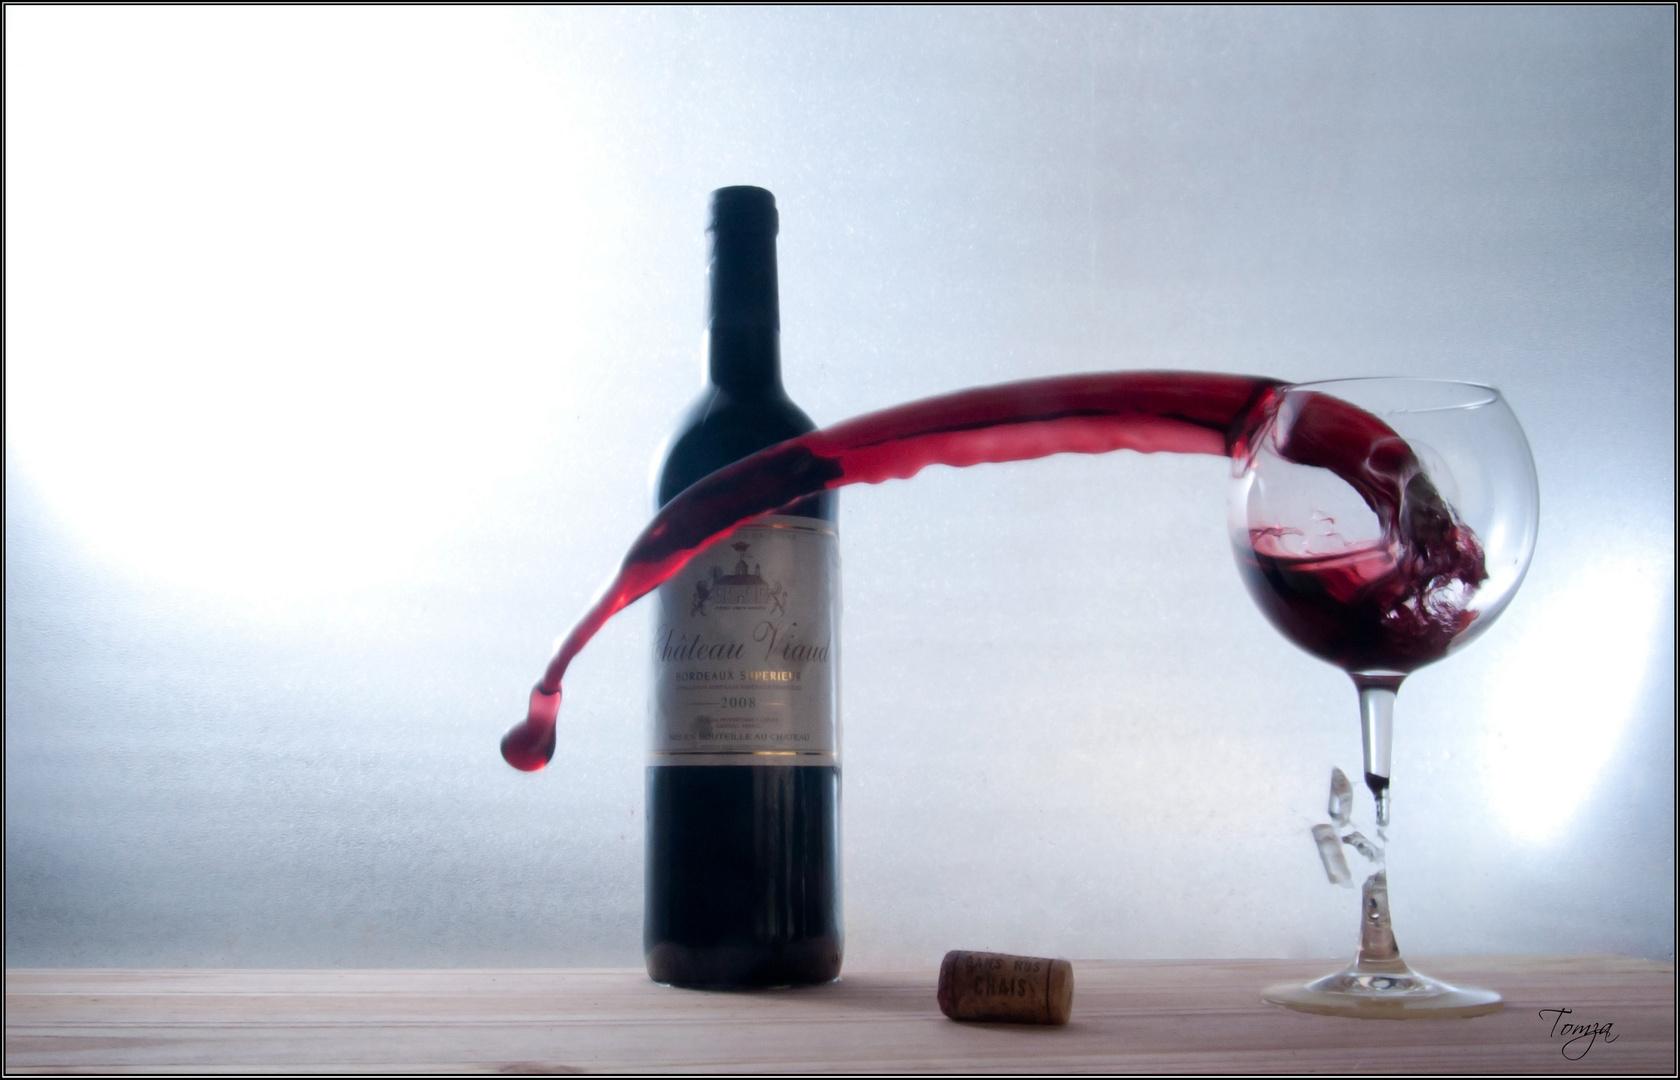 Un vin qui casse des verres...